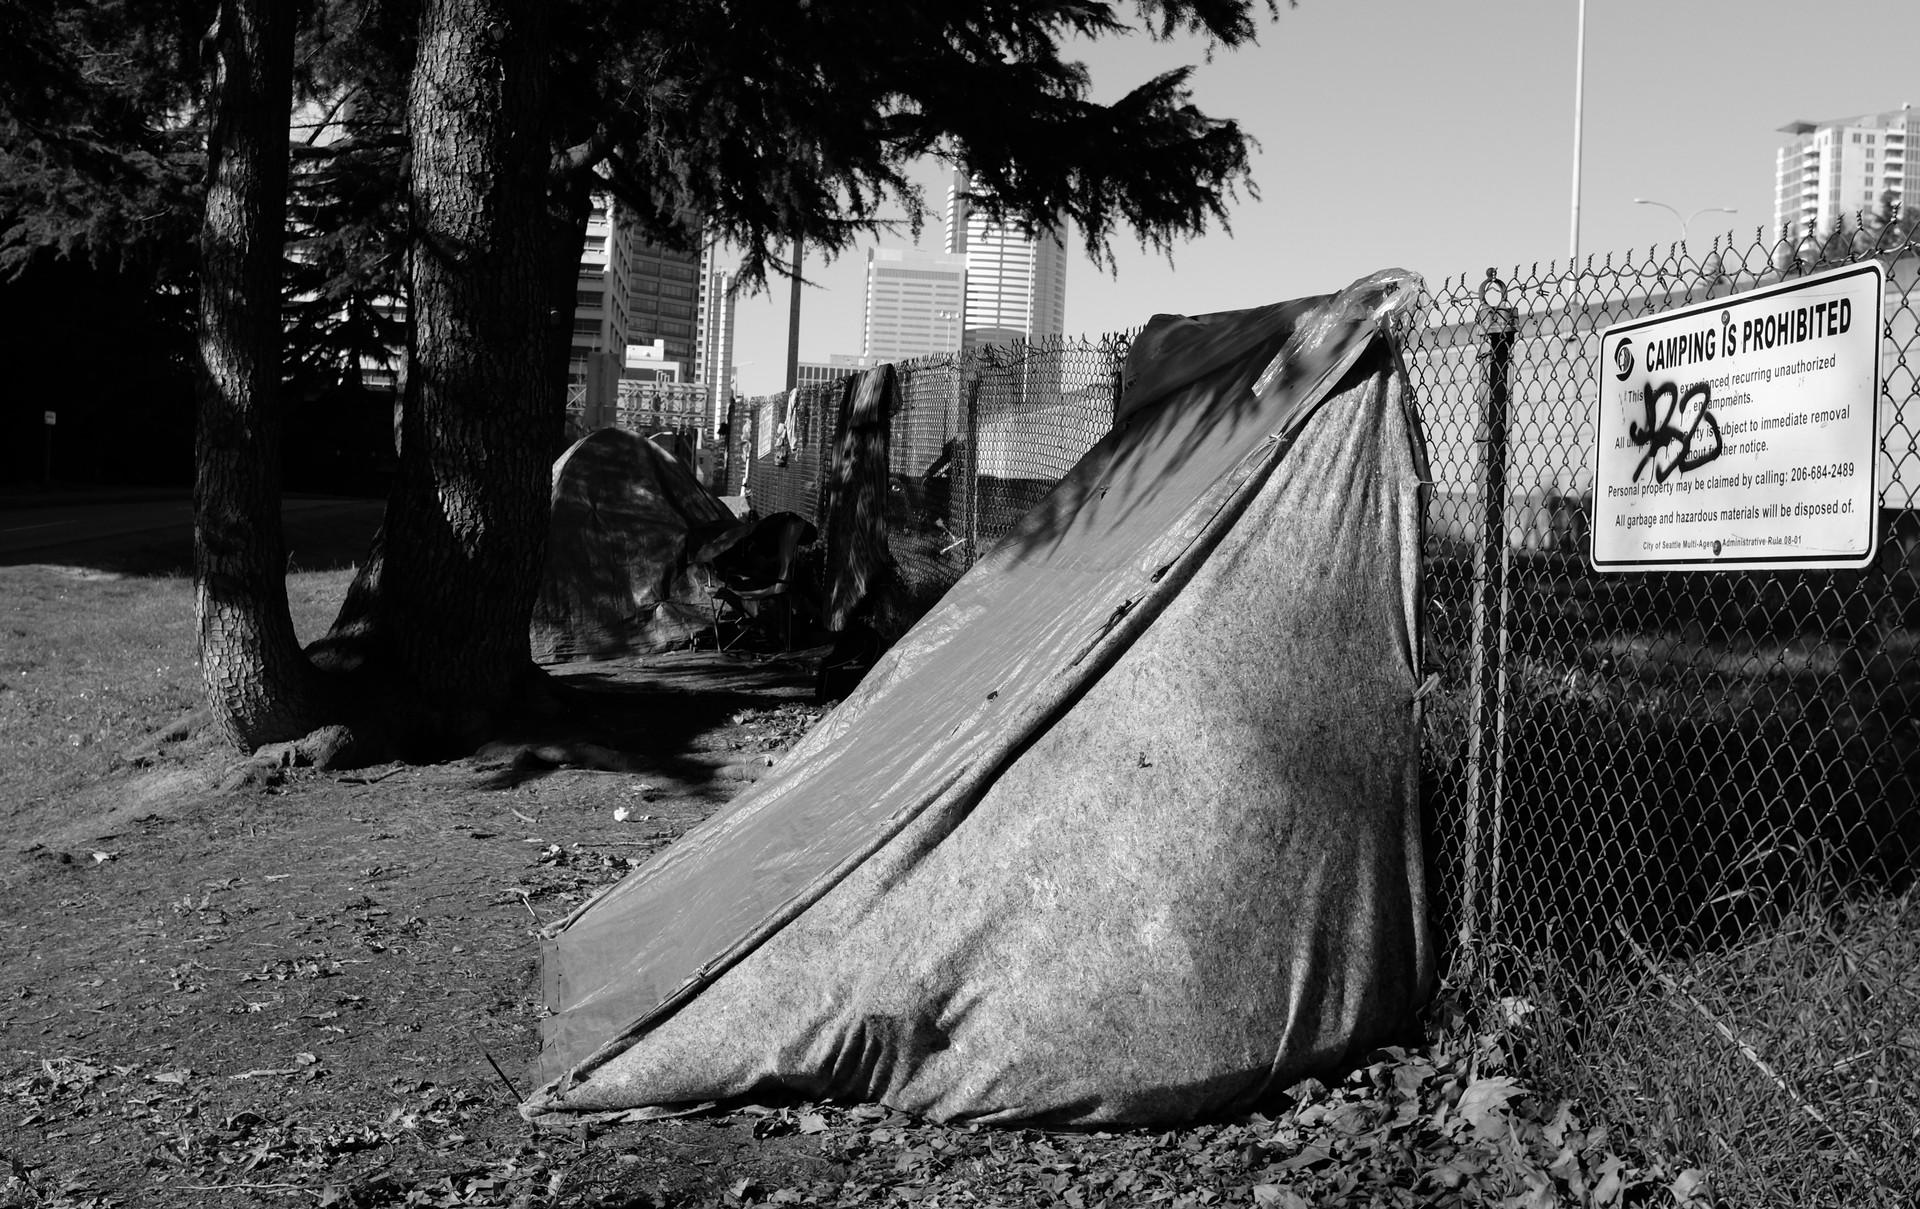 23_Freeway Fence Camp.jpg